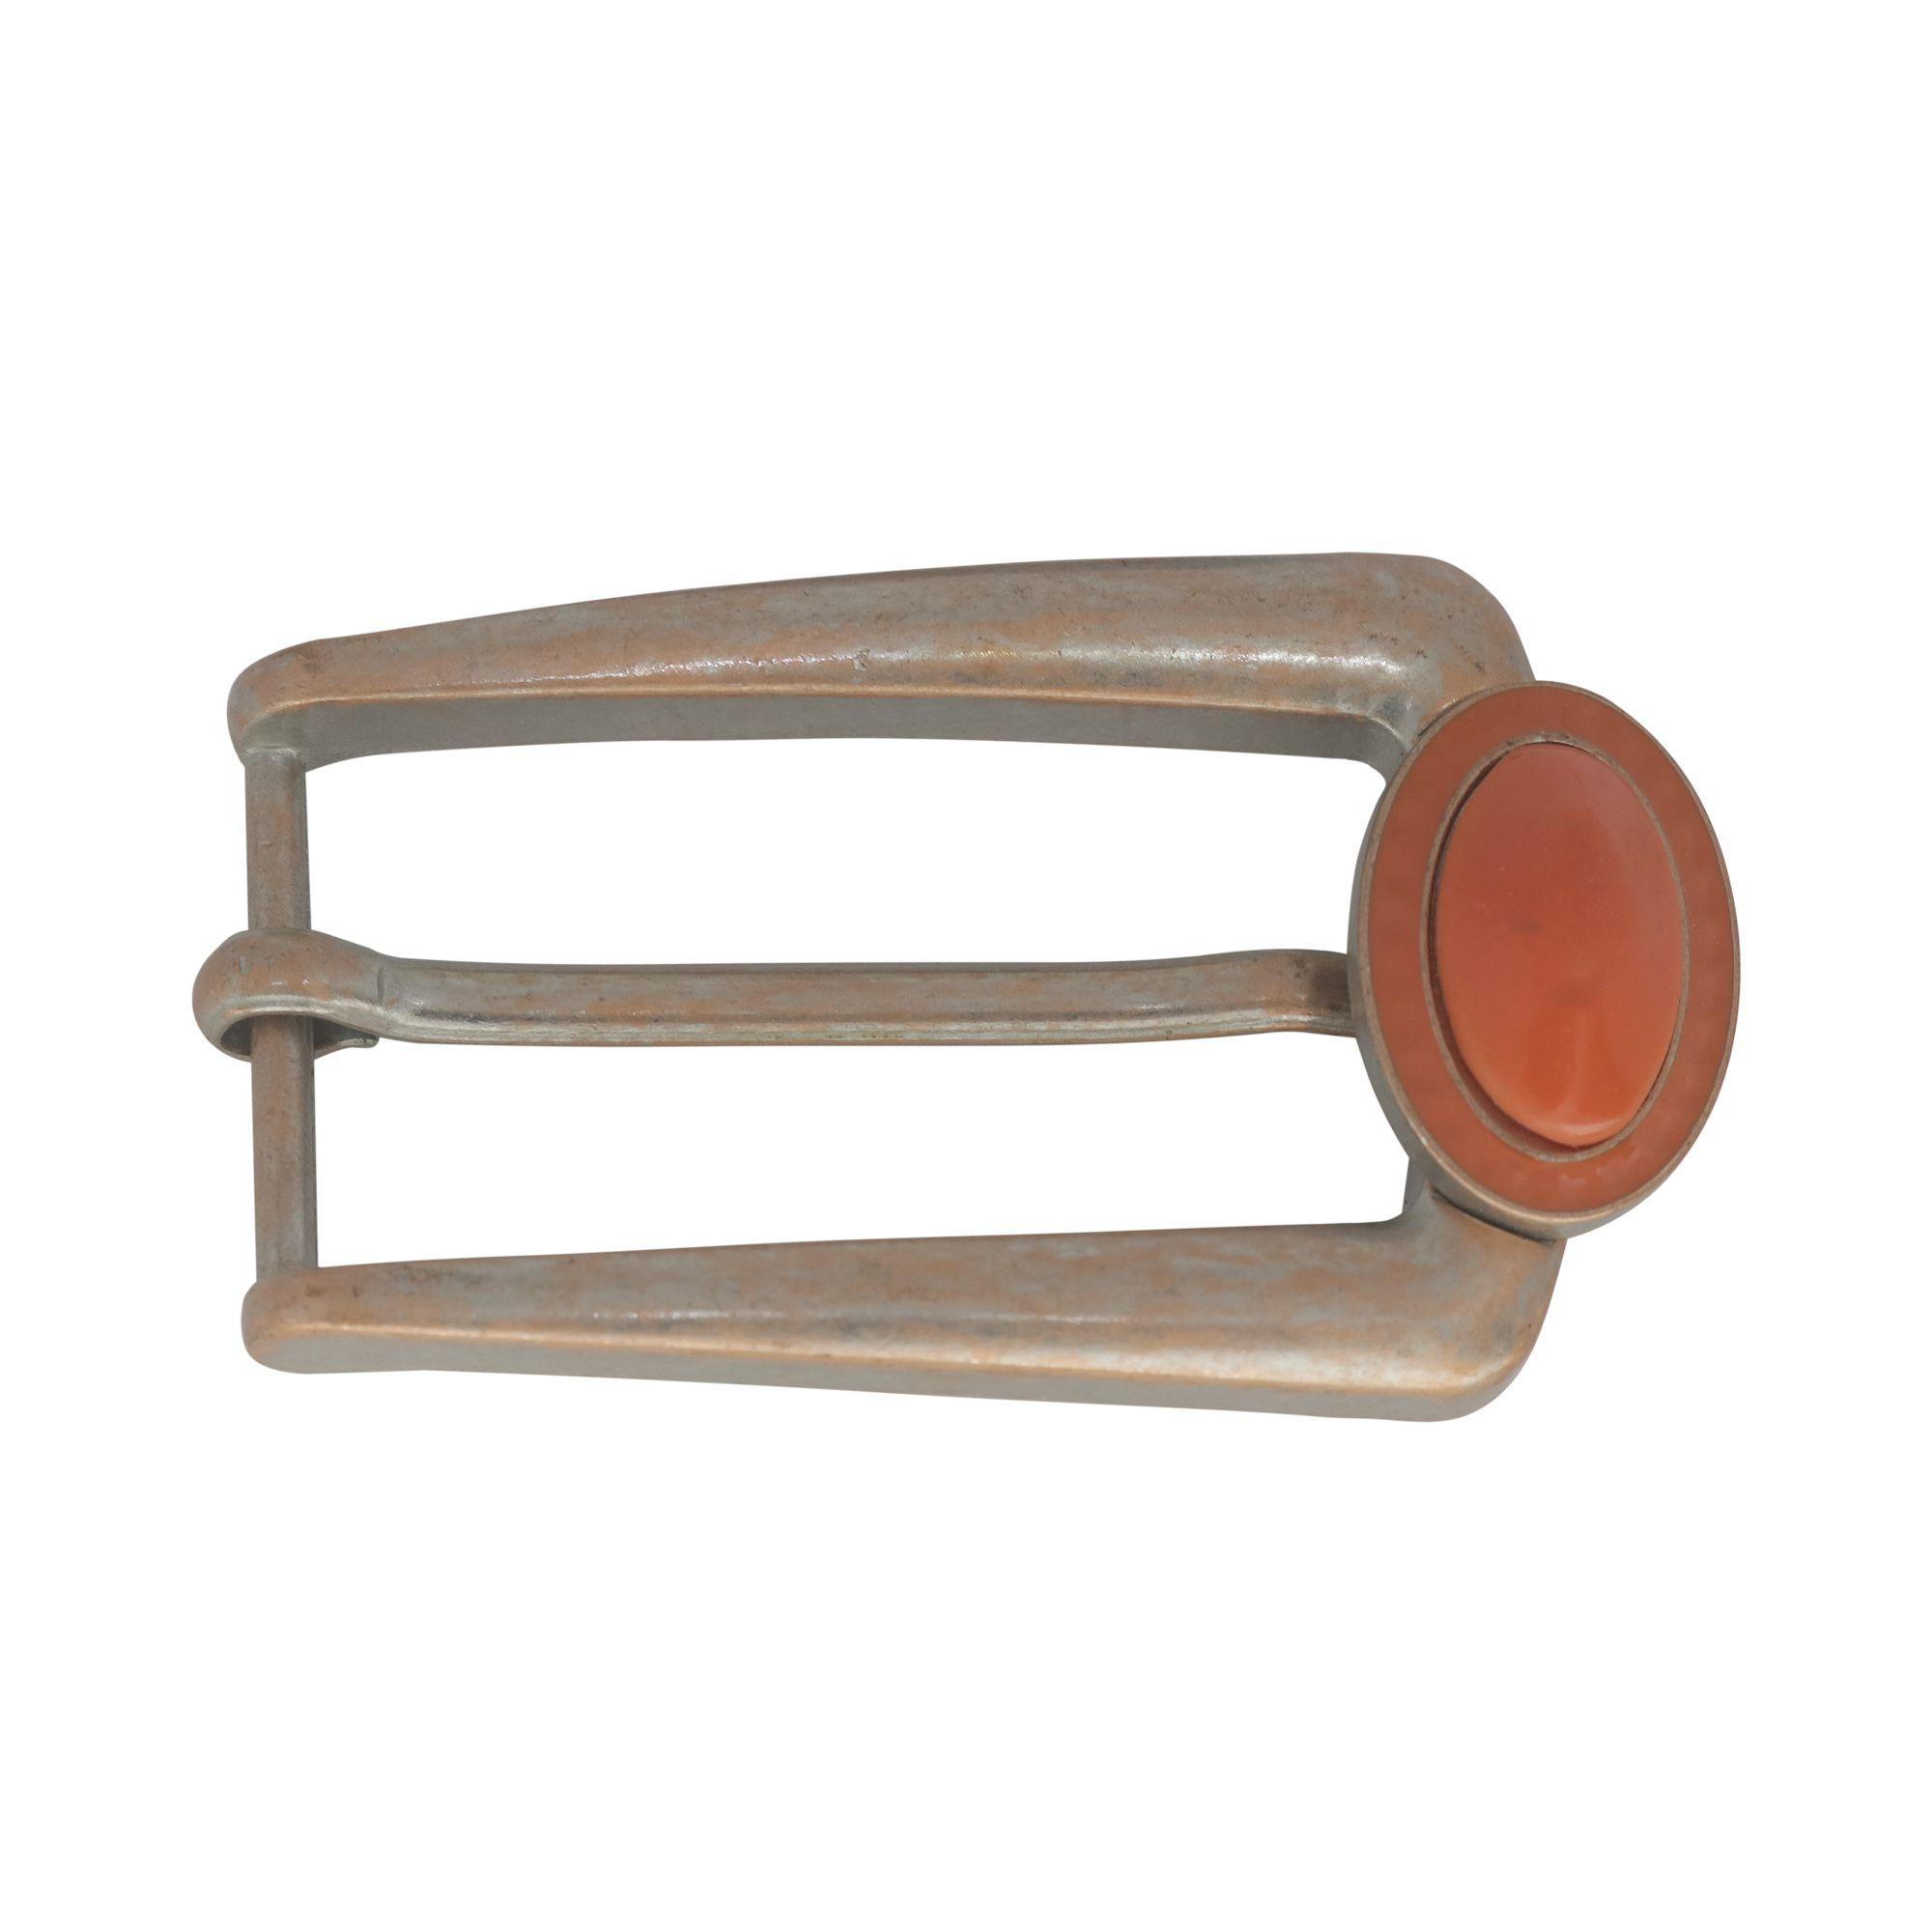 Fivela para cinto troca fivela faixa fina em resina e metal